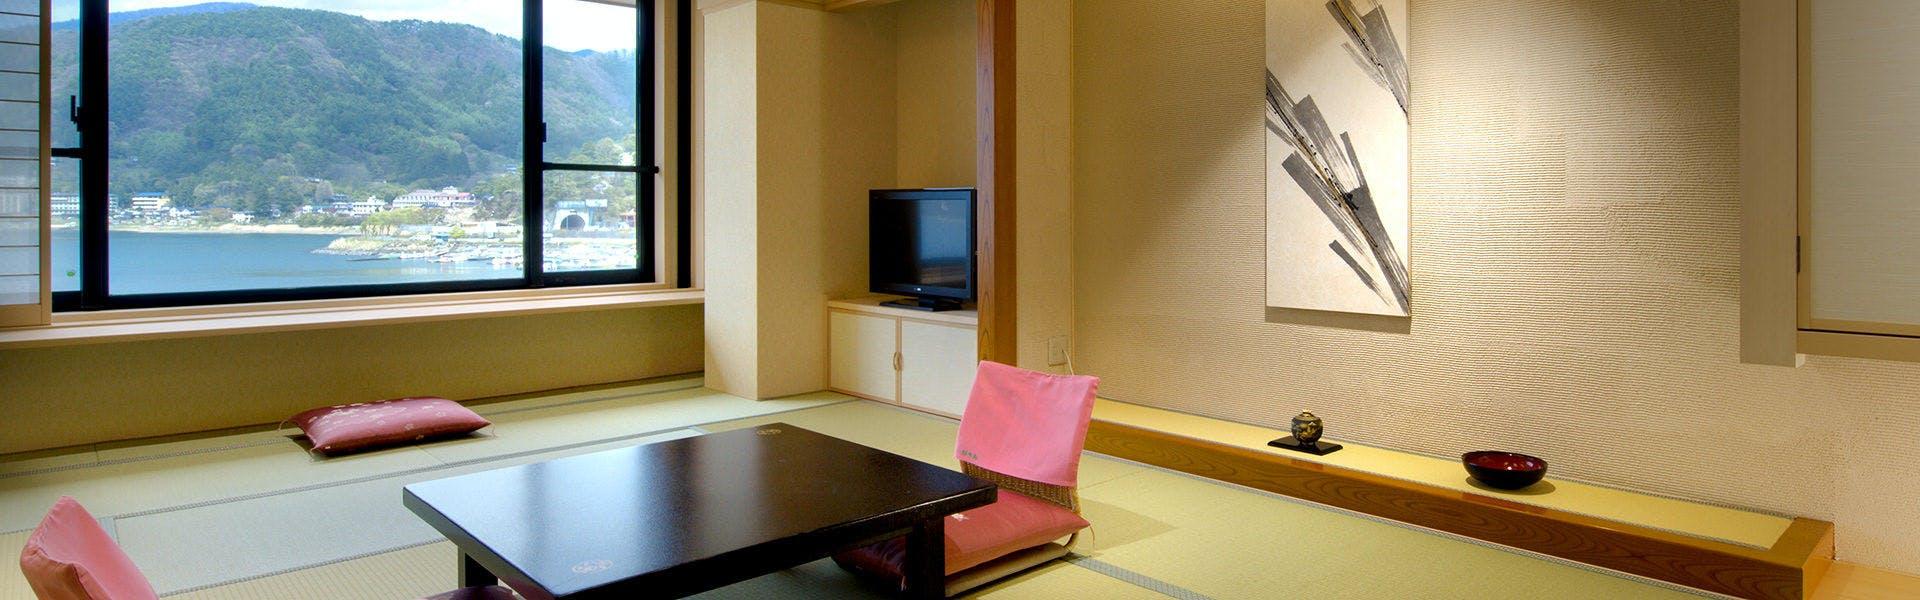 記念日におすすめのホテル・富士河口湖温泉 湖南荘の写真3